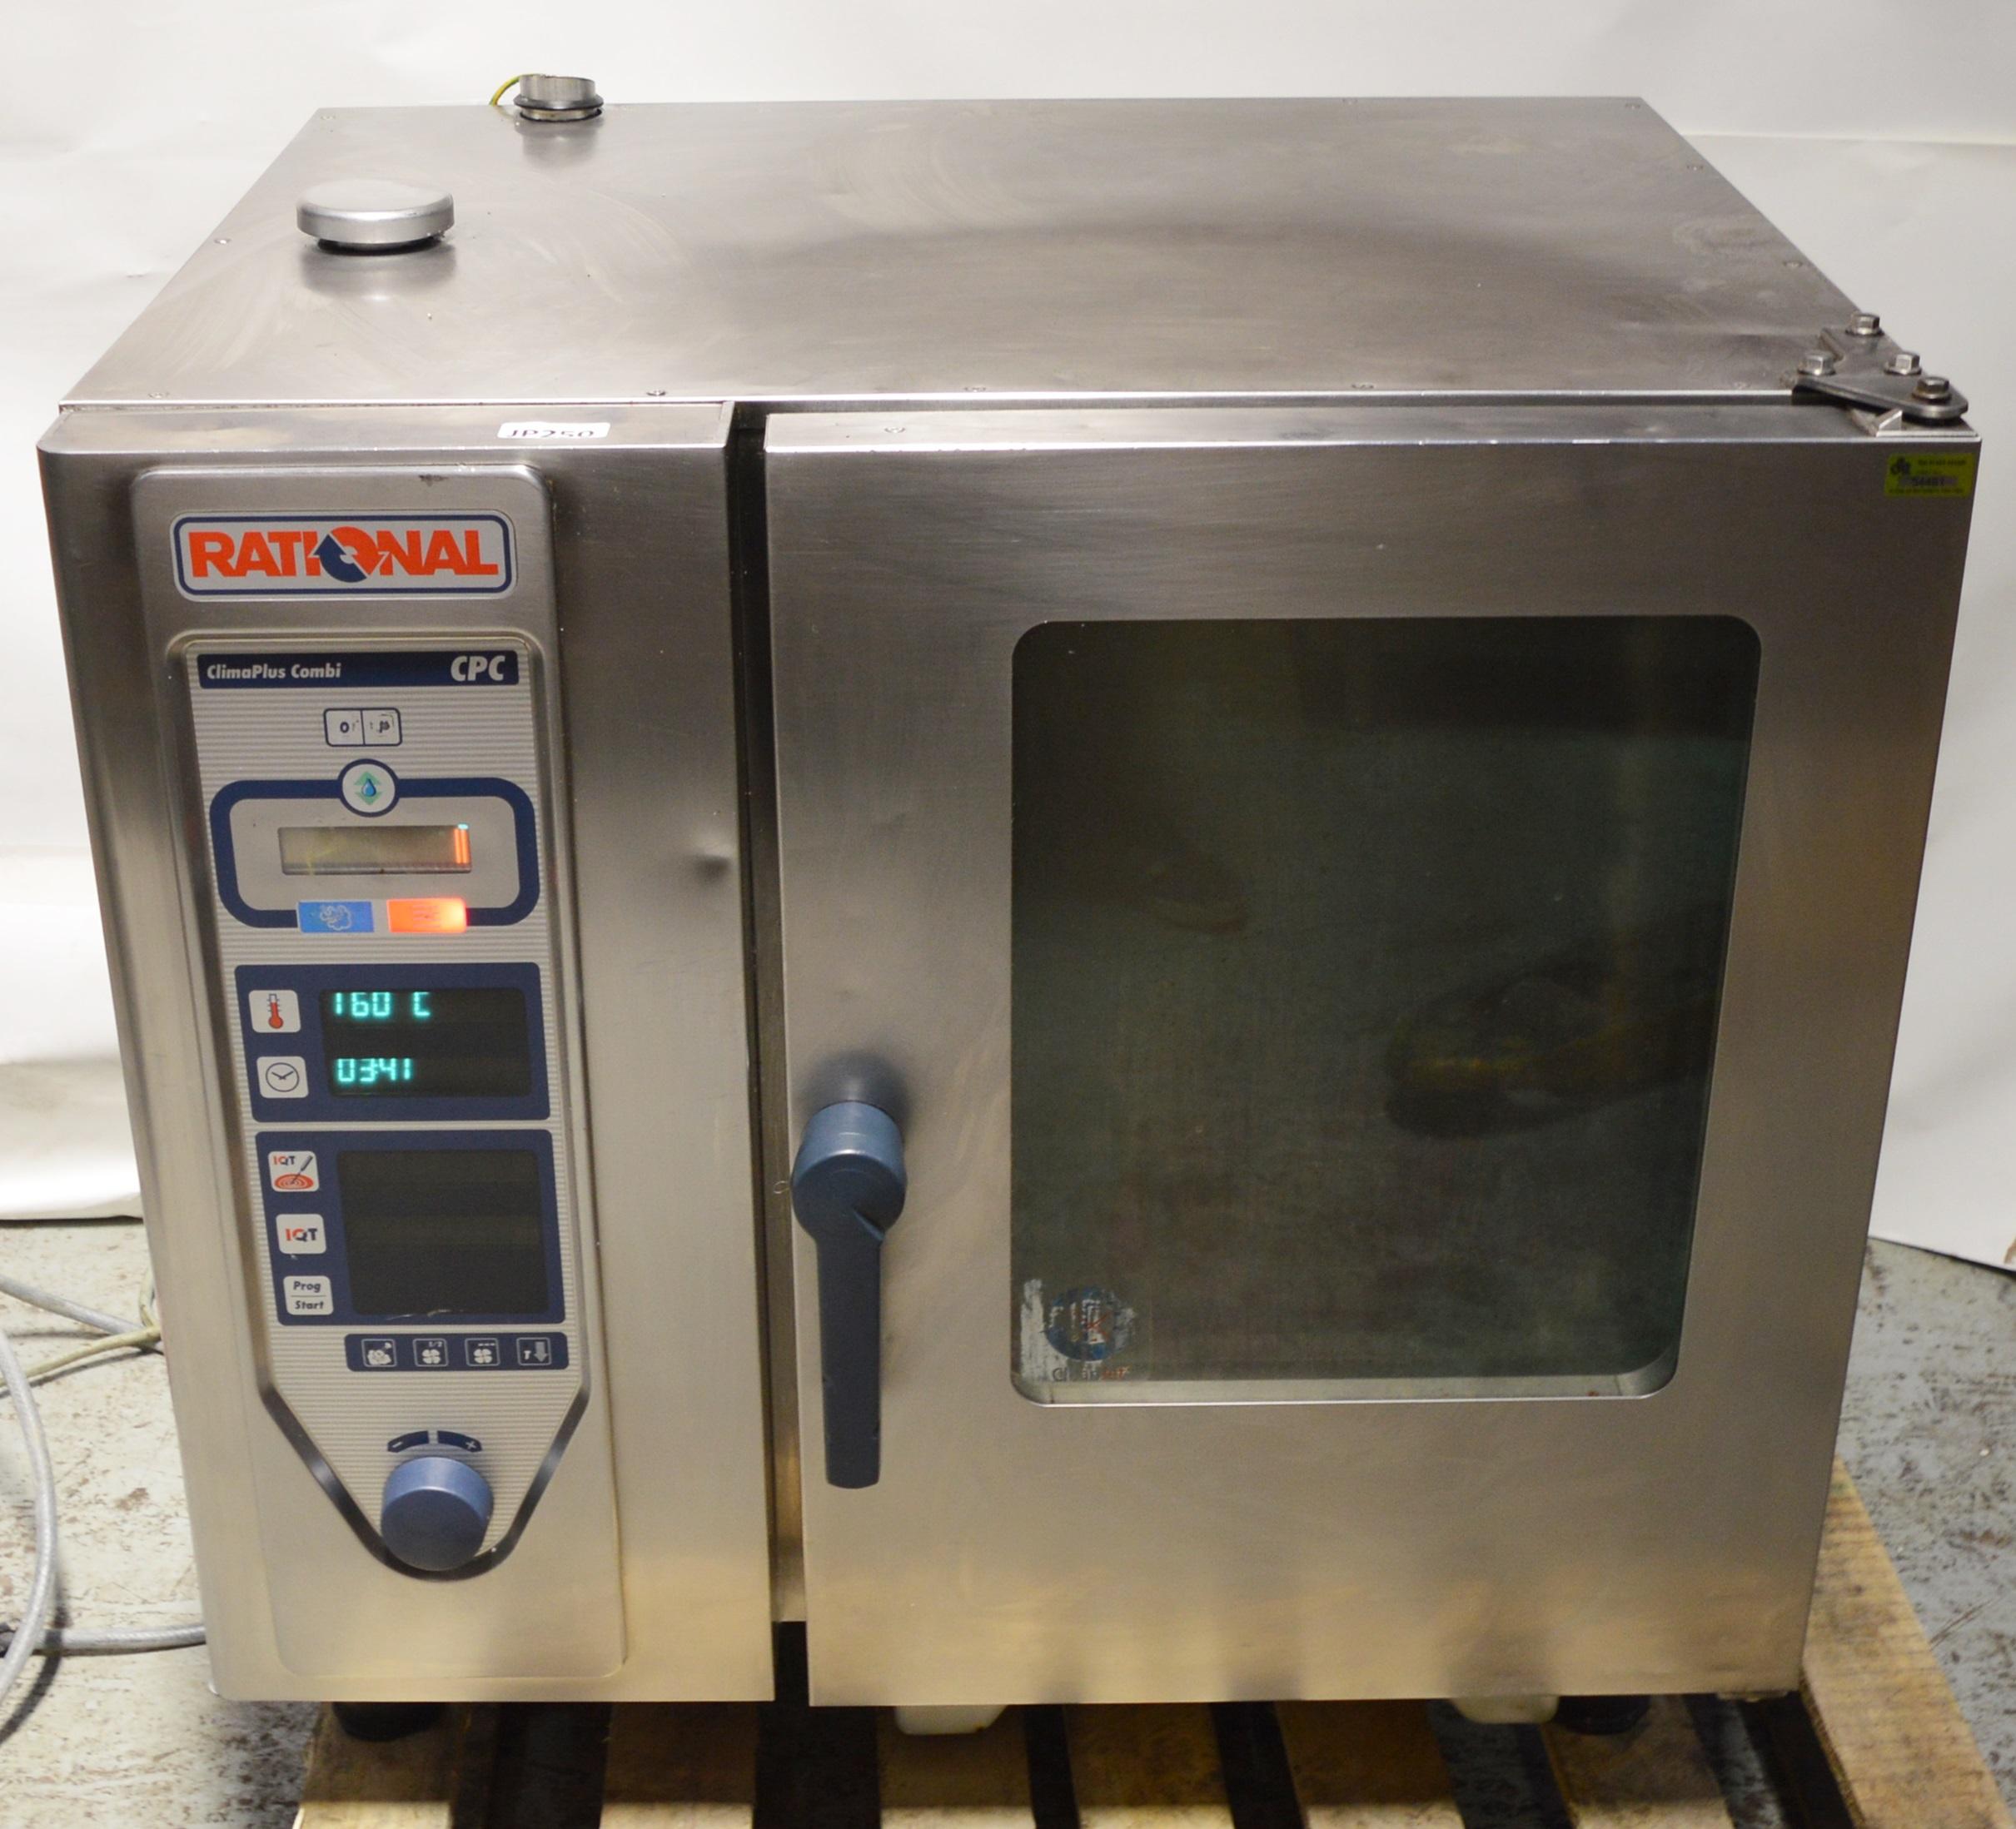 1 X Rational Climaplus Combi Cpc 6 Grid Combi Oven - Cl232 - 3 Phase - H84 X W90 X D82 Cms